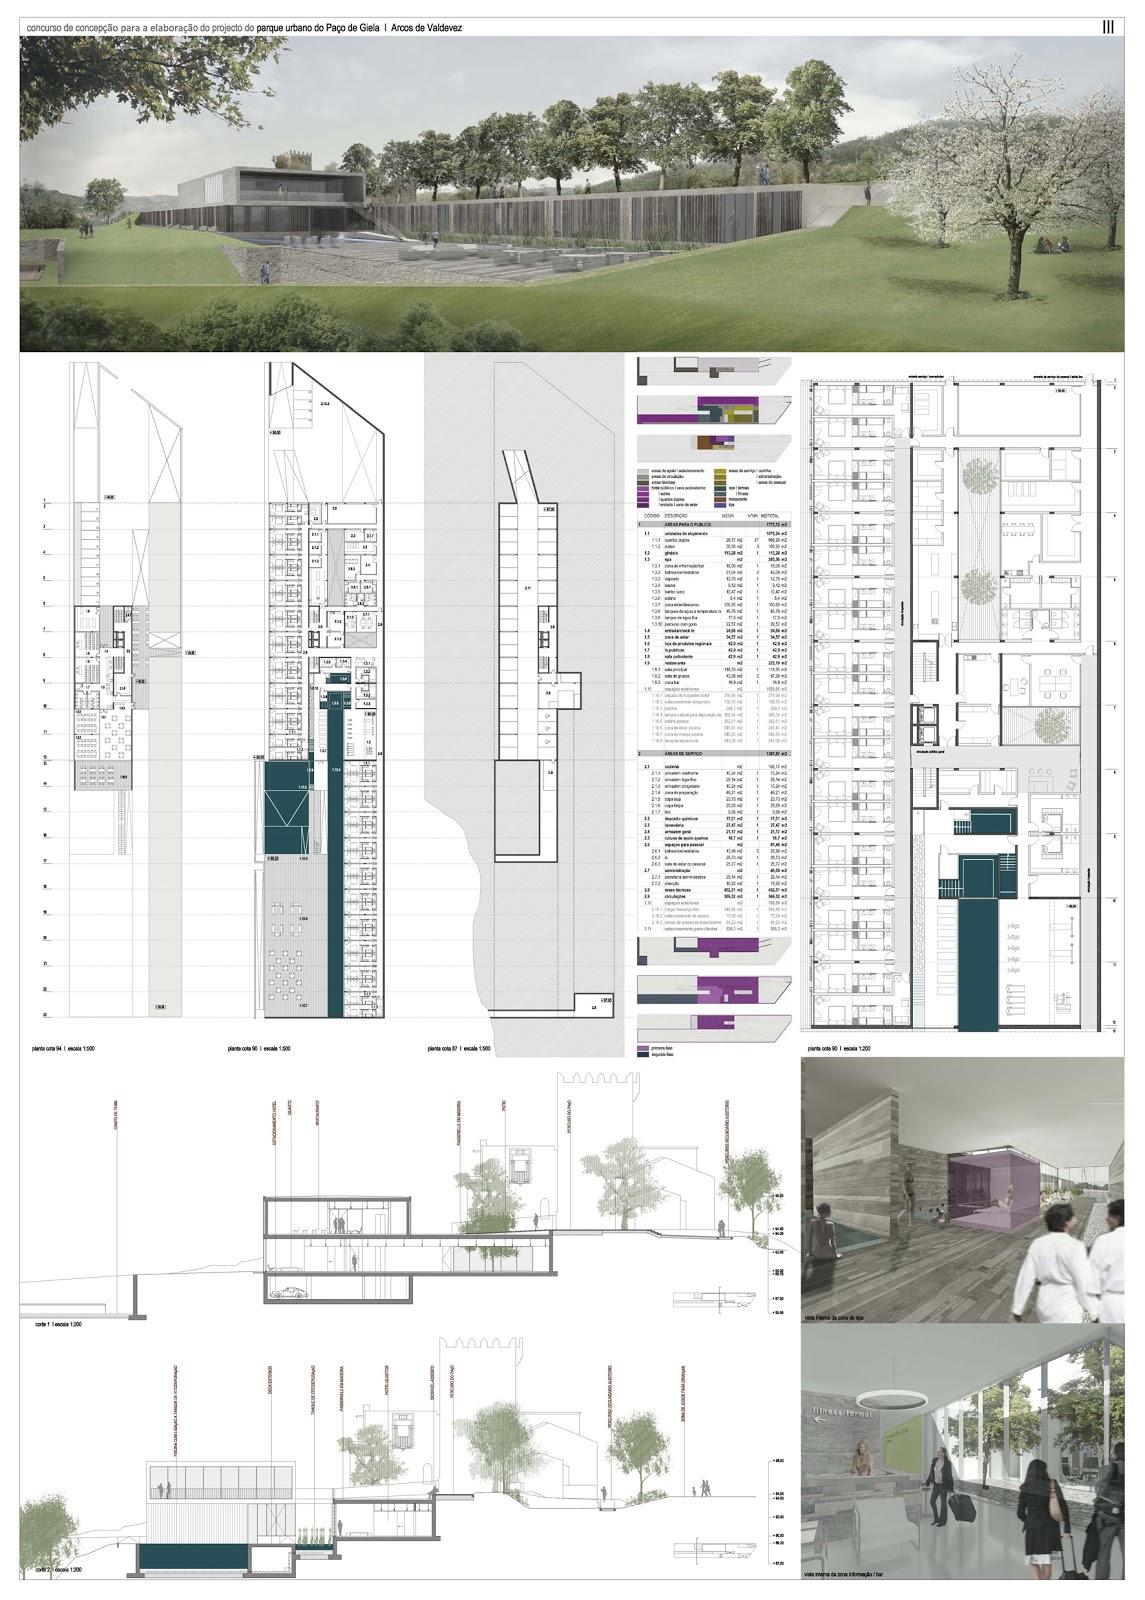 Laboratorio di progettazione architettonica 3b tavole di - Tavole di concorso architettura ...